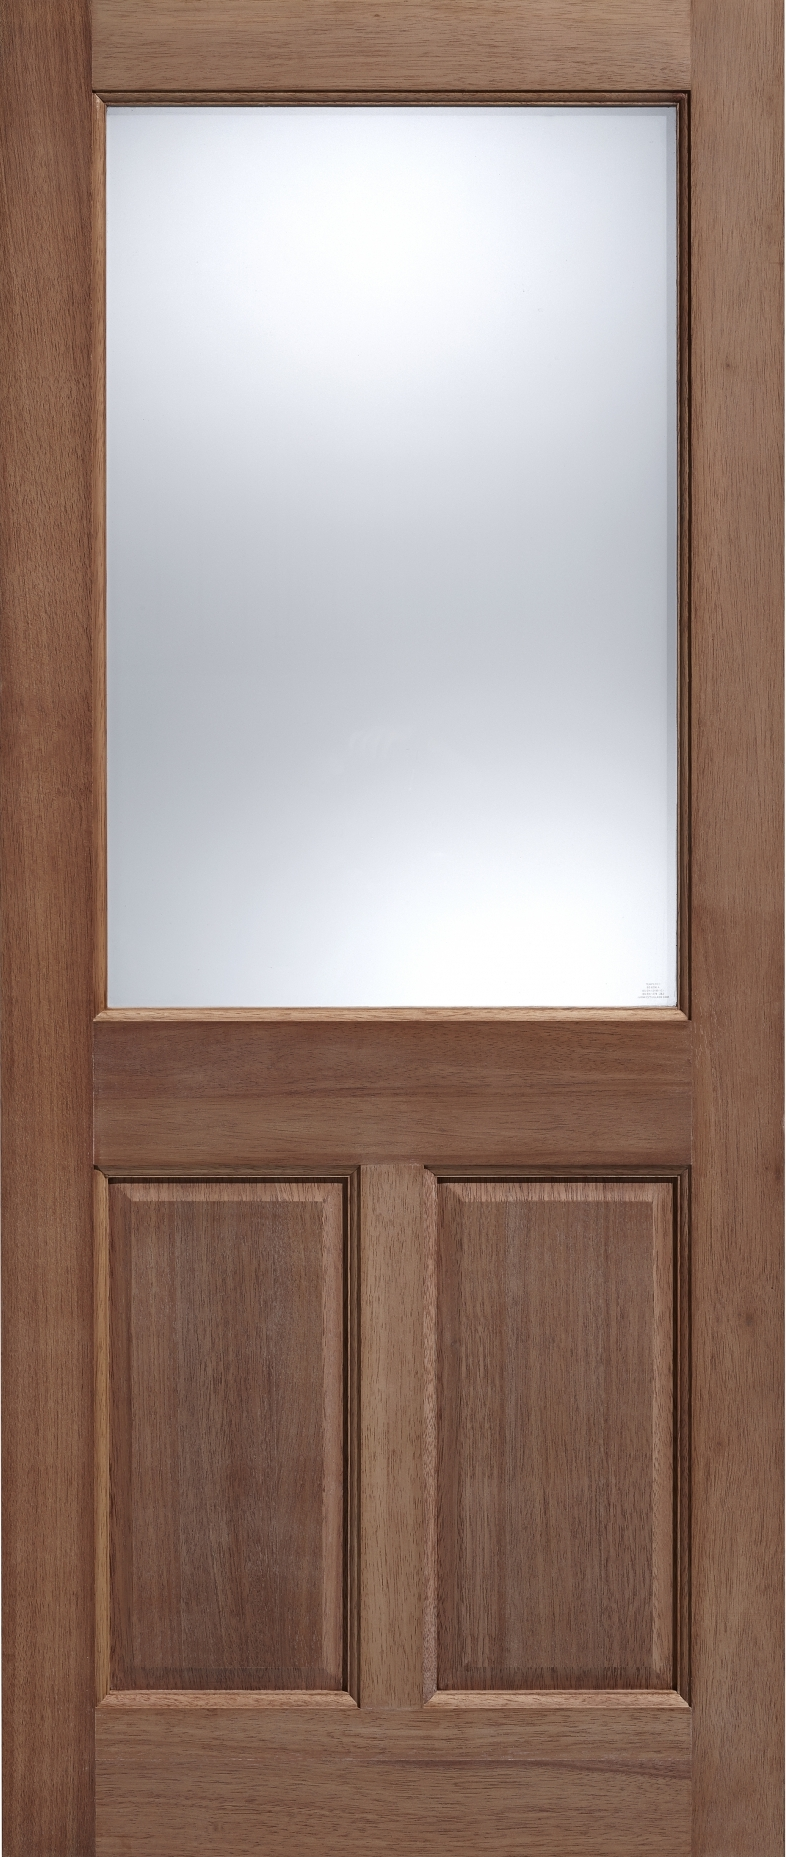 2XG 2 Panel Hardwood